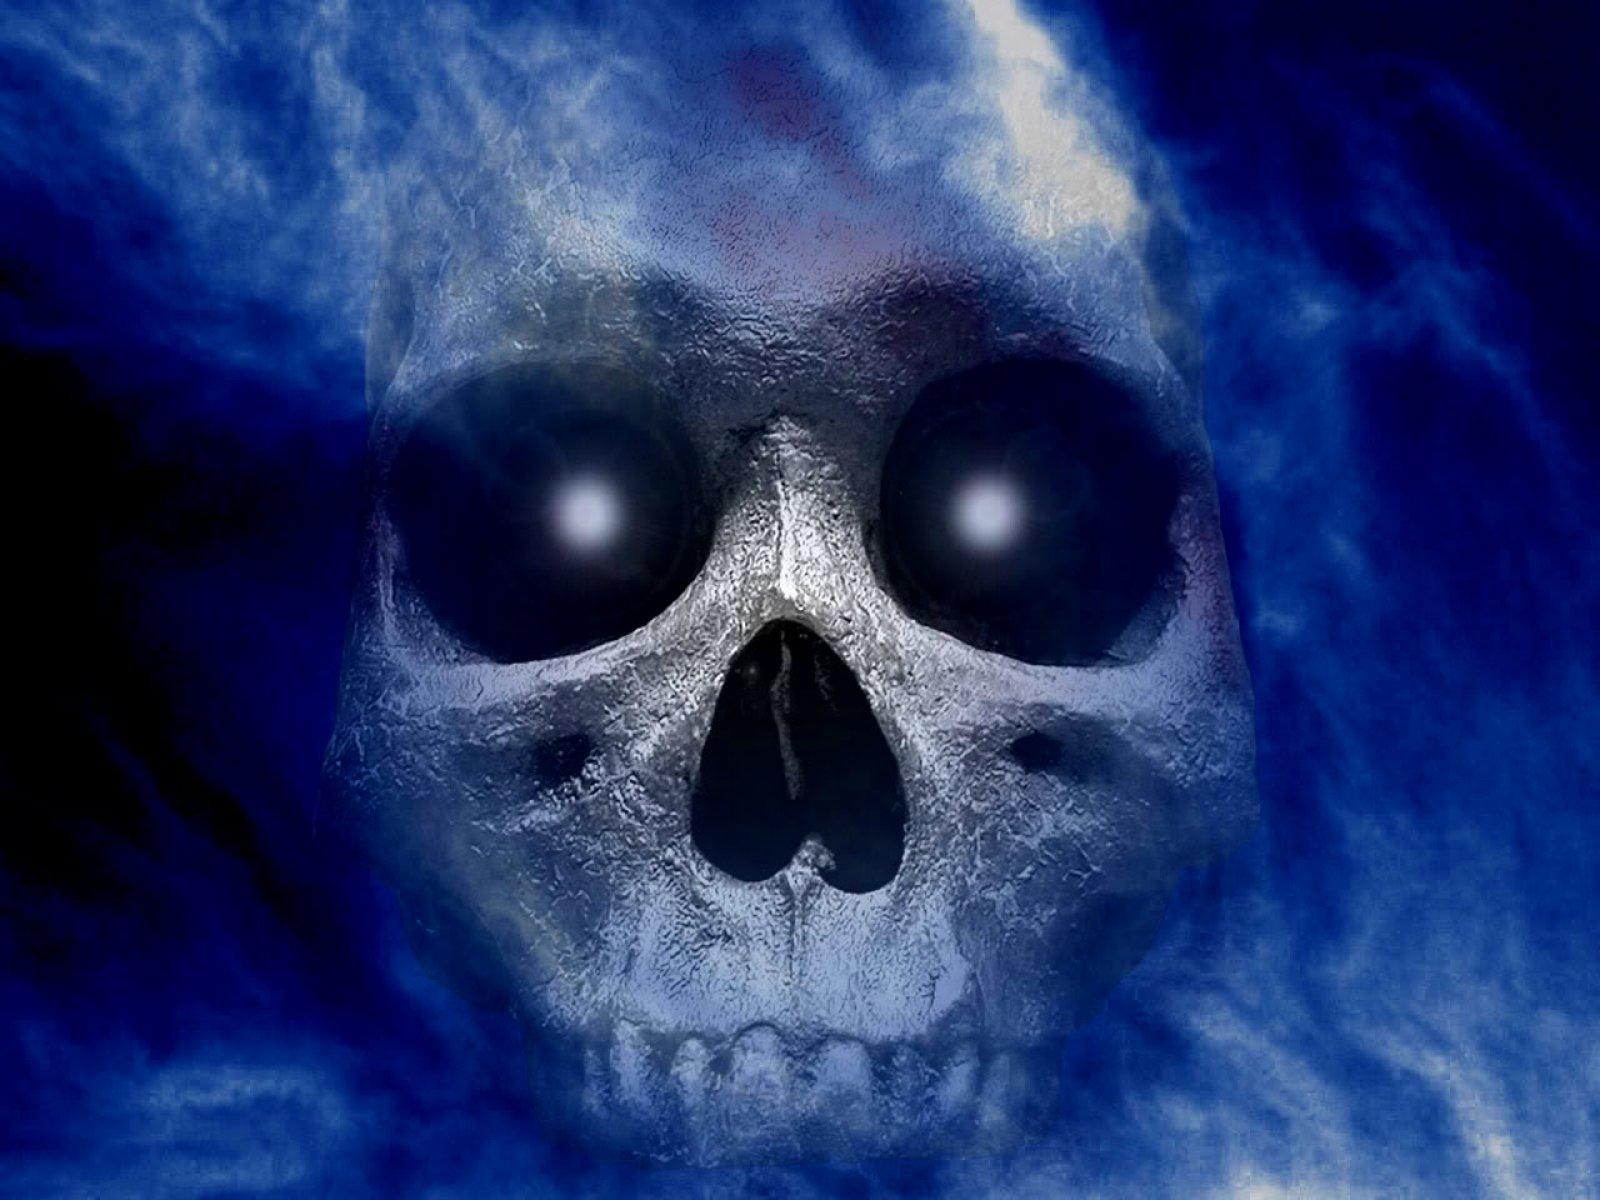 Картинка череп страшна прикольная, картинки прикольные для